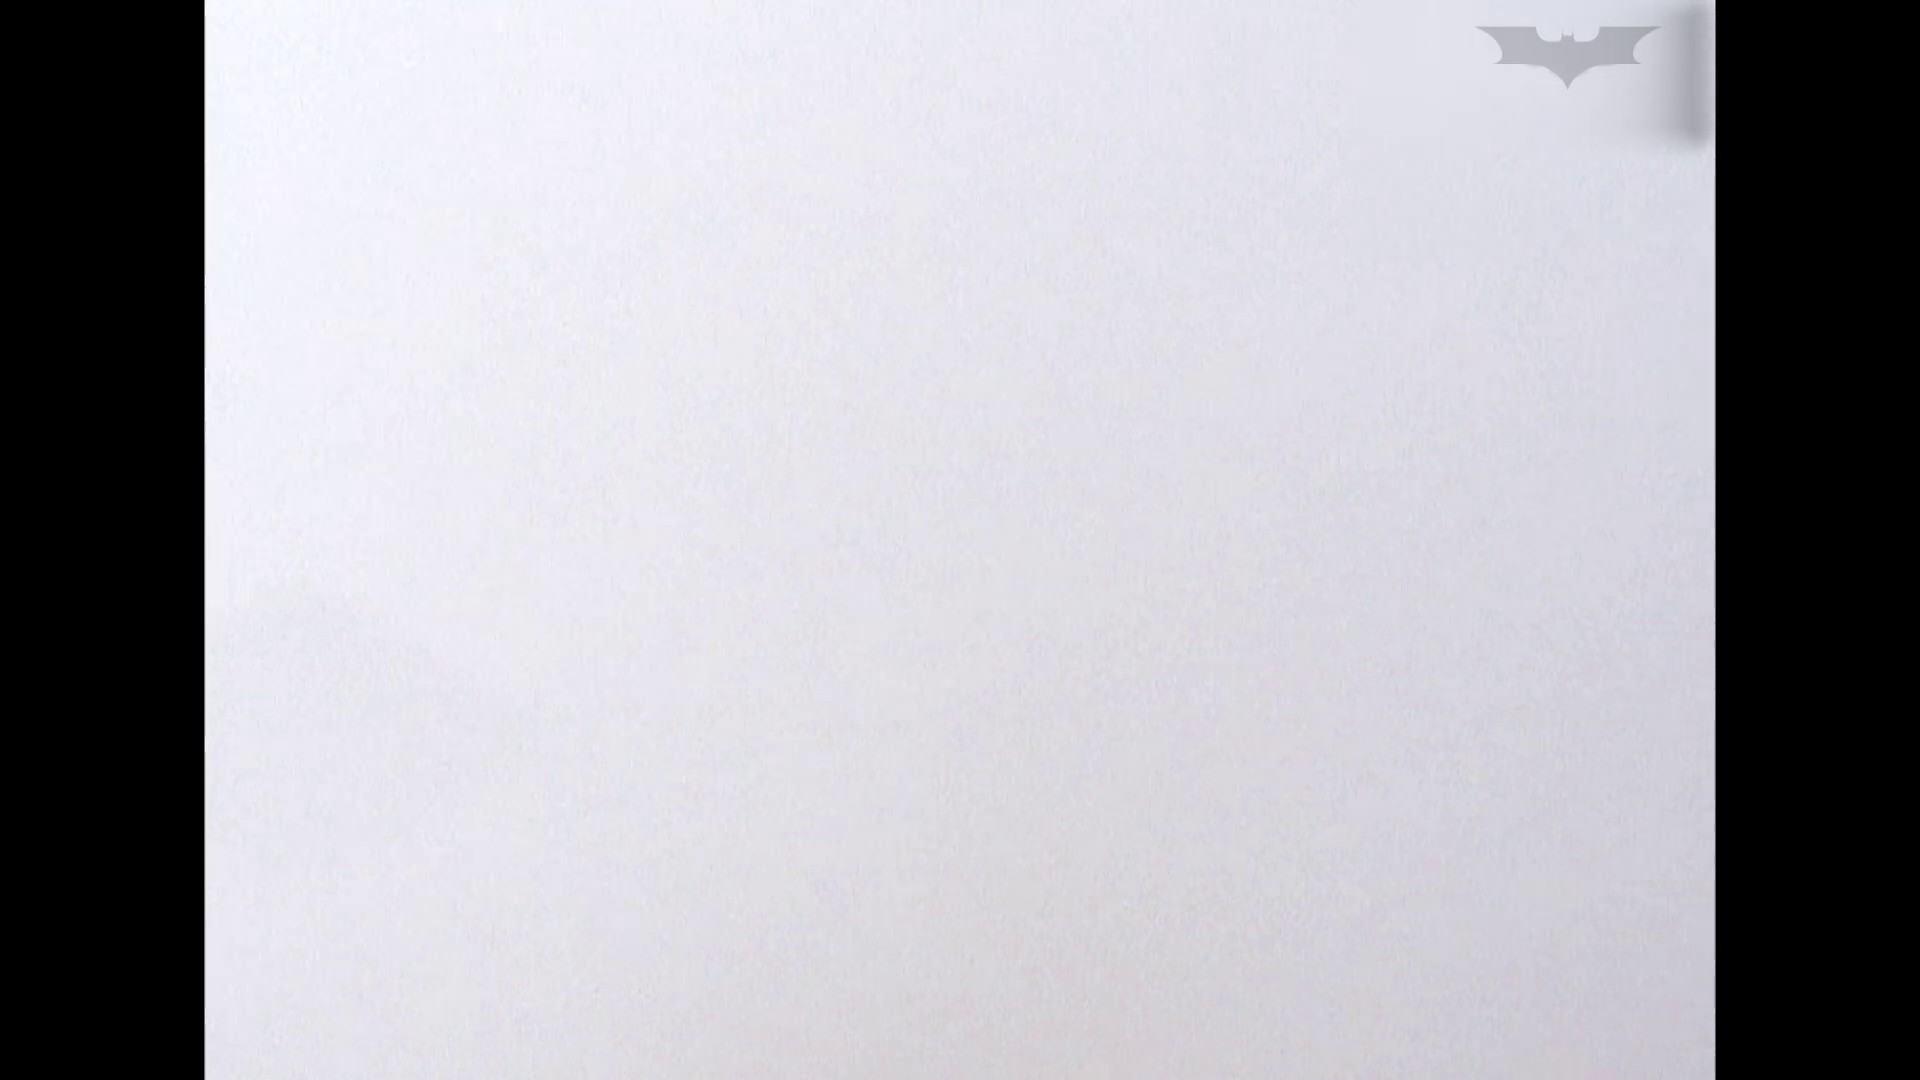 空爆和式フロント盛り合わせ! 期間限定神キタ!ツルピカの放nyo!Vol.21 いやらしいOL セックス無修正動画無料 98連発 70